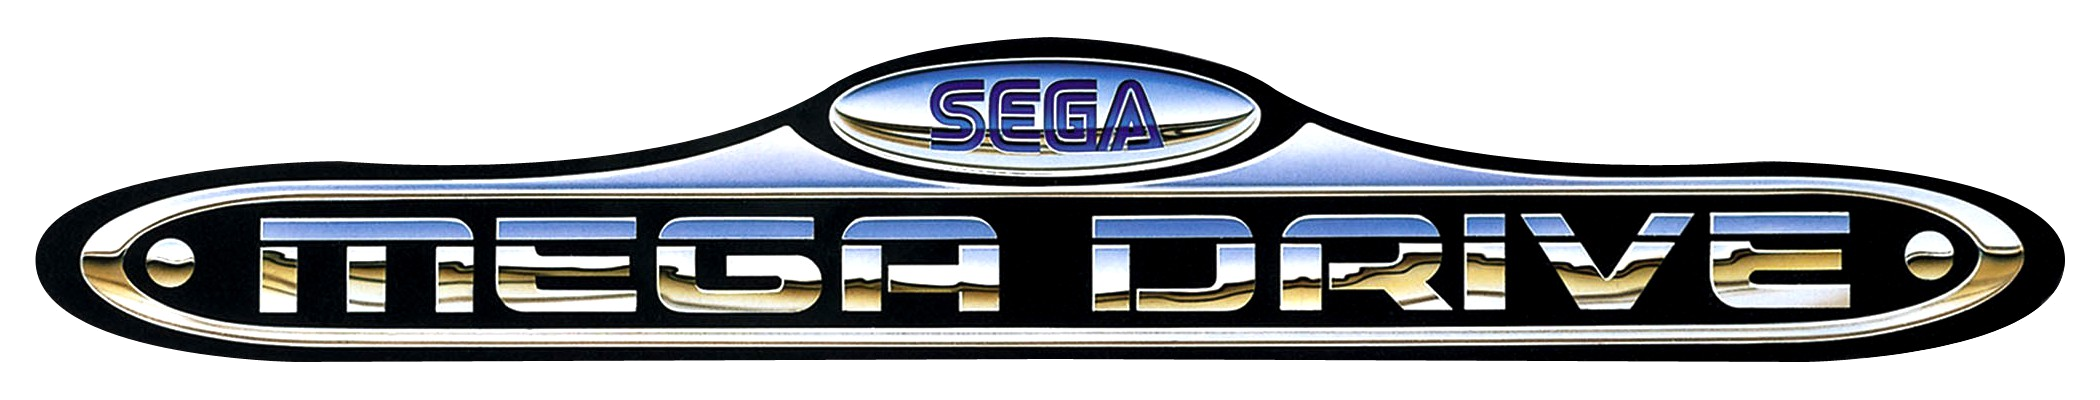 Sega Mega Drive Logo 54430 | IMGFLASH David Beckham